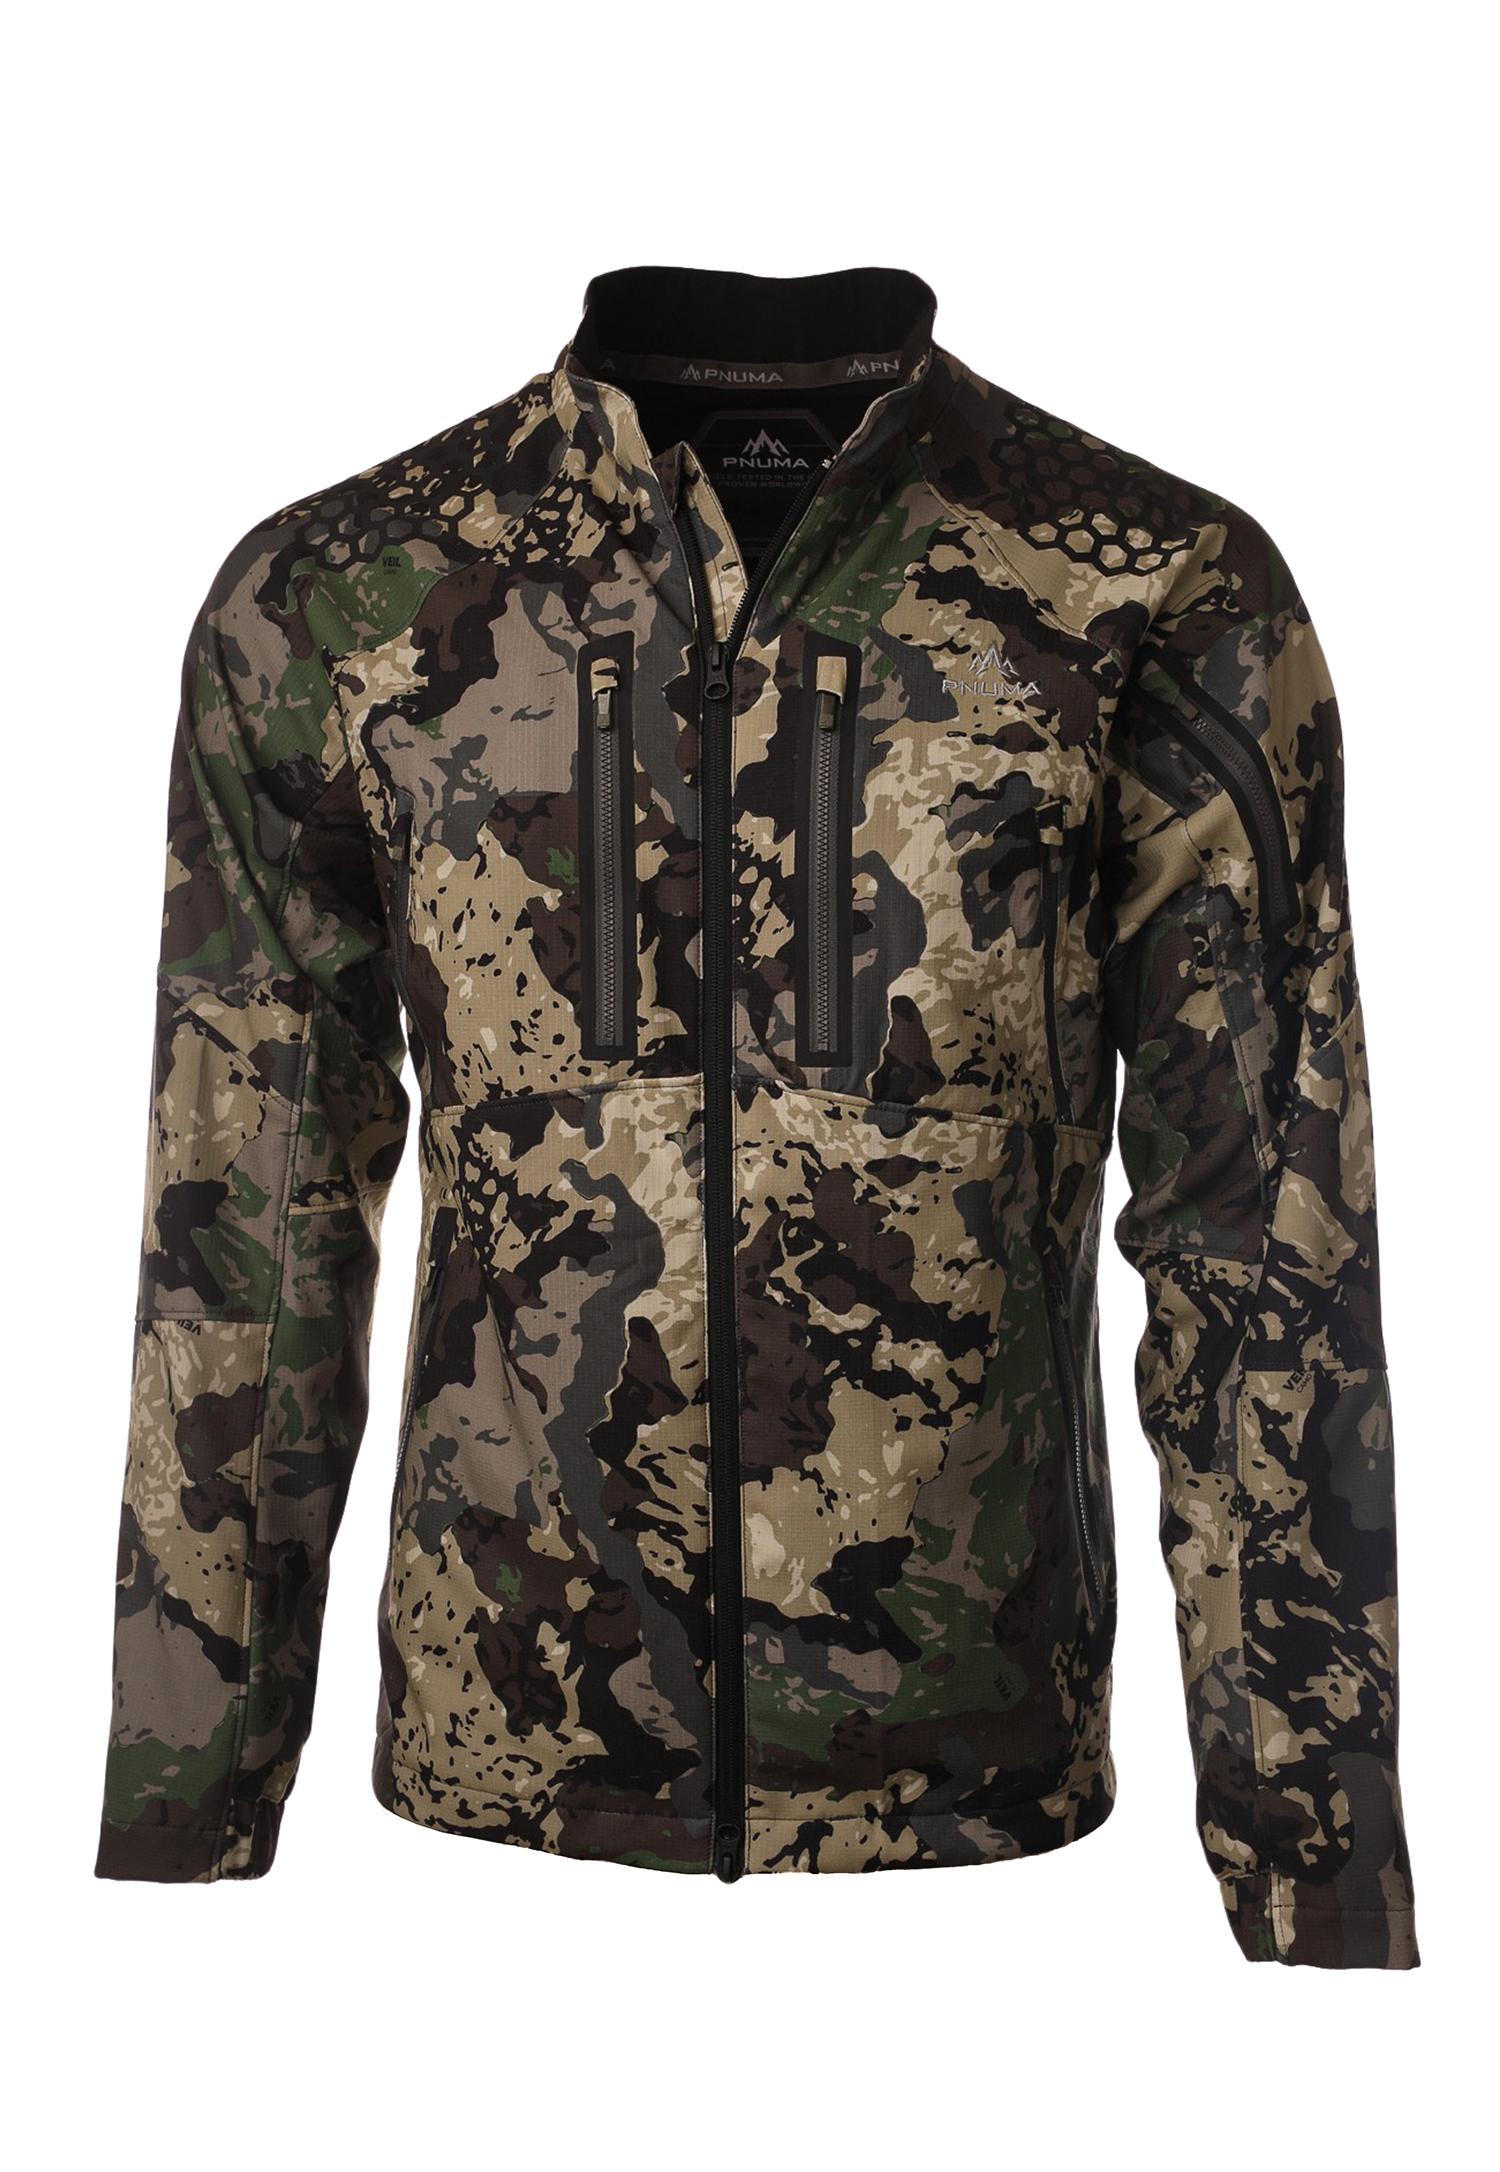 Tenacity Jacket